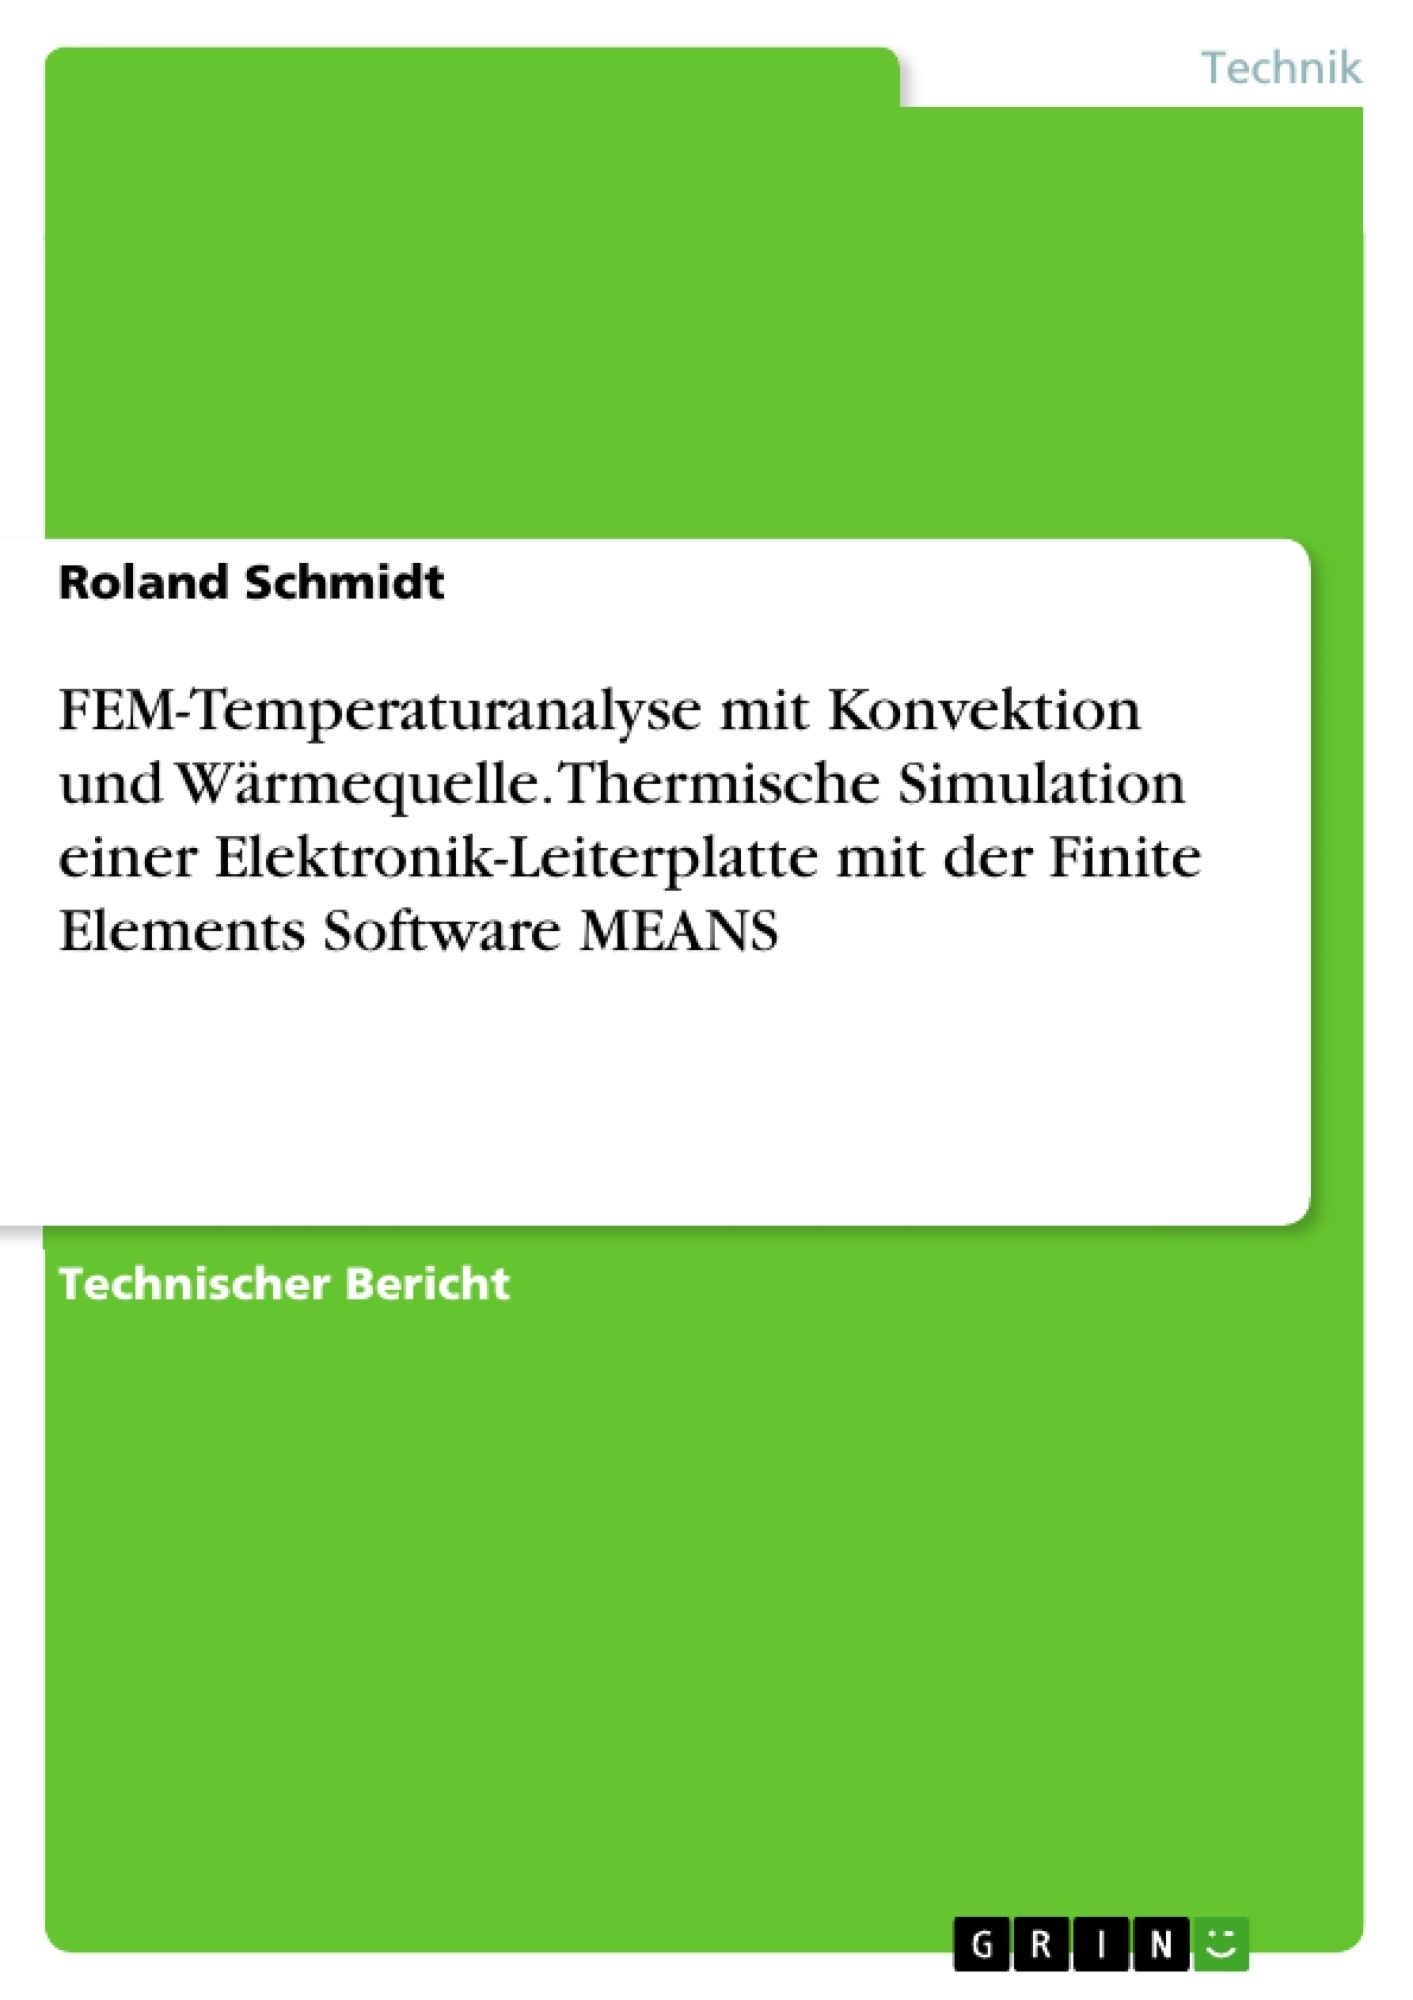 Titel: FEM-Temperaturanalyse mit Konvektion und Wärmequelle. Thermische Simulation einer Elektronik-Leiterplatte mit der Finite Elements Software MEANS